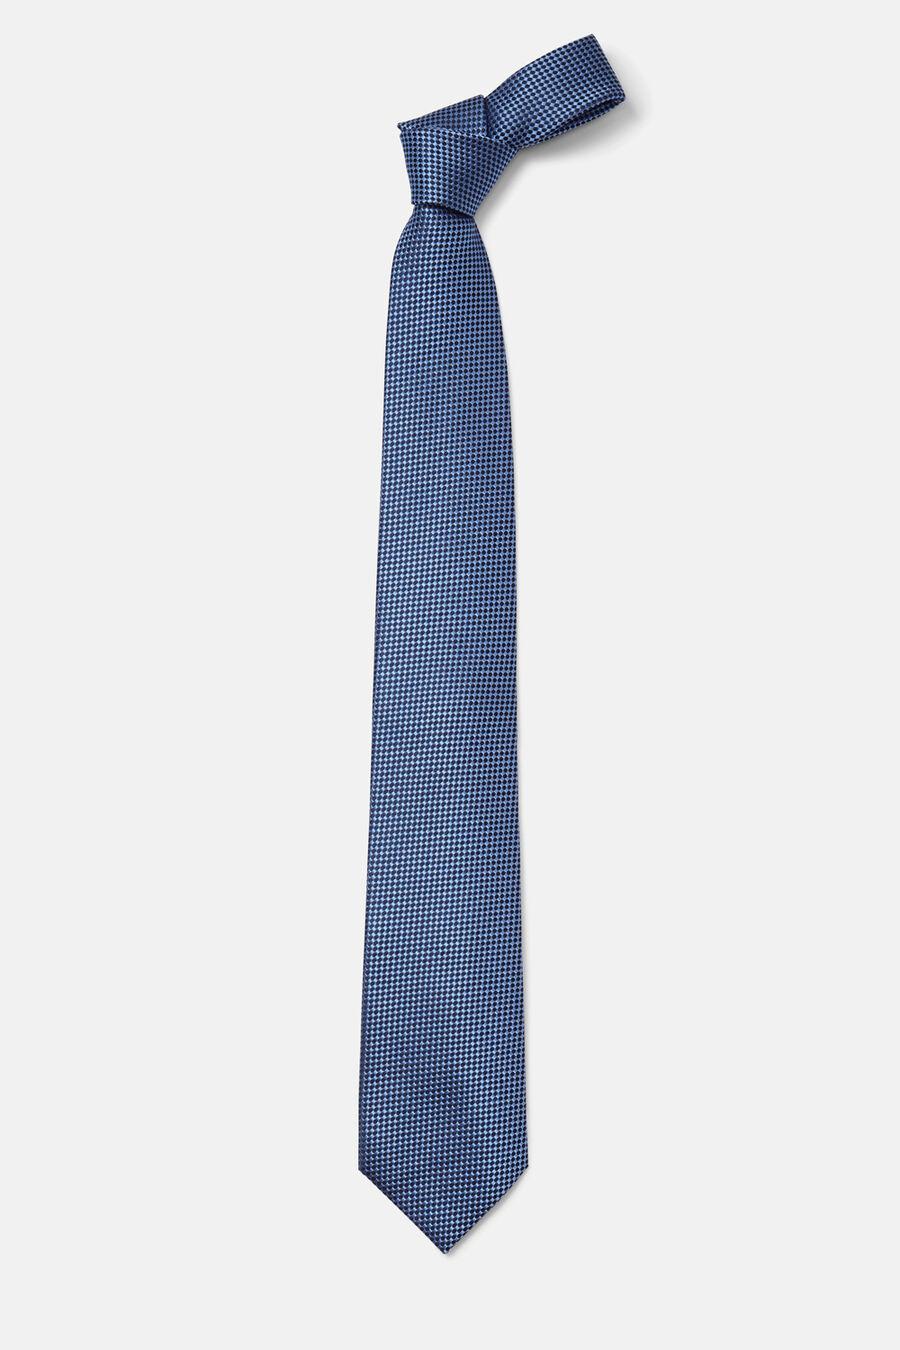 Corbata estructura bicolor